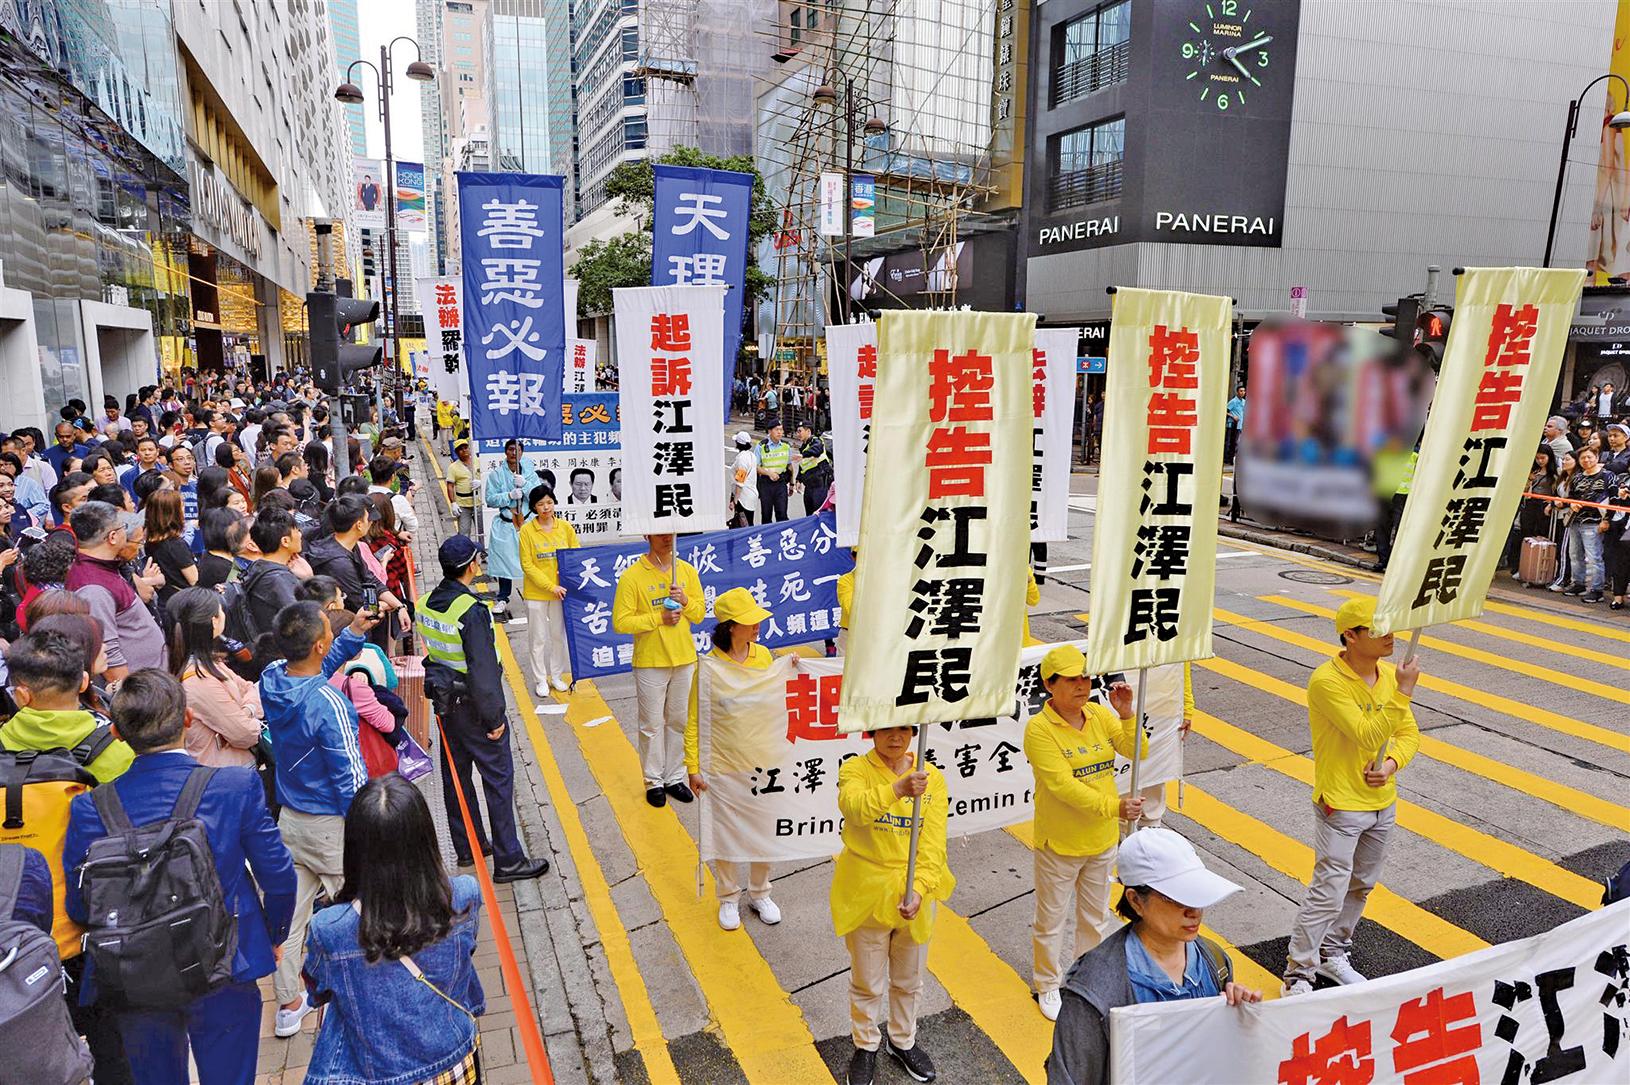 今年4月25日是法輪功萬人和平大上訪19周年。香港法輪功團體周日(4月15日)舉行集會遊行,呼籲各界一起制止中共迫害,法辦中共前黨魁江澤民等迫害元兇。(宋碧龍/大紀元)